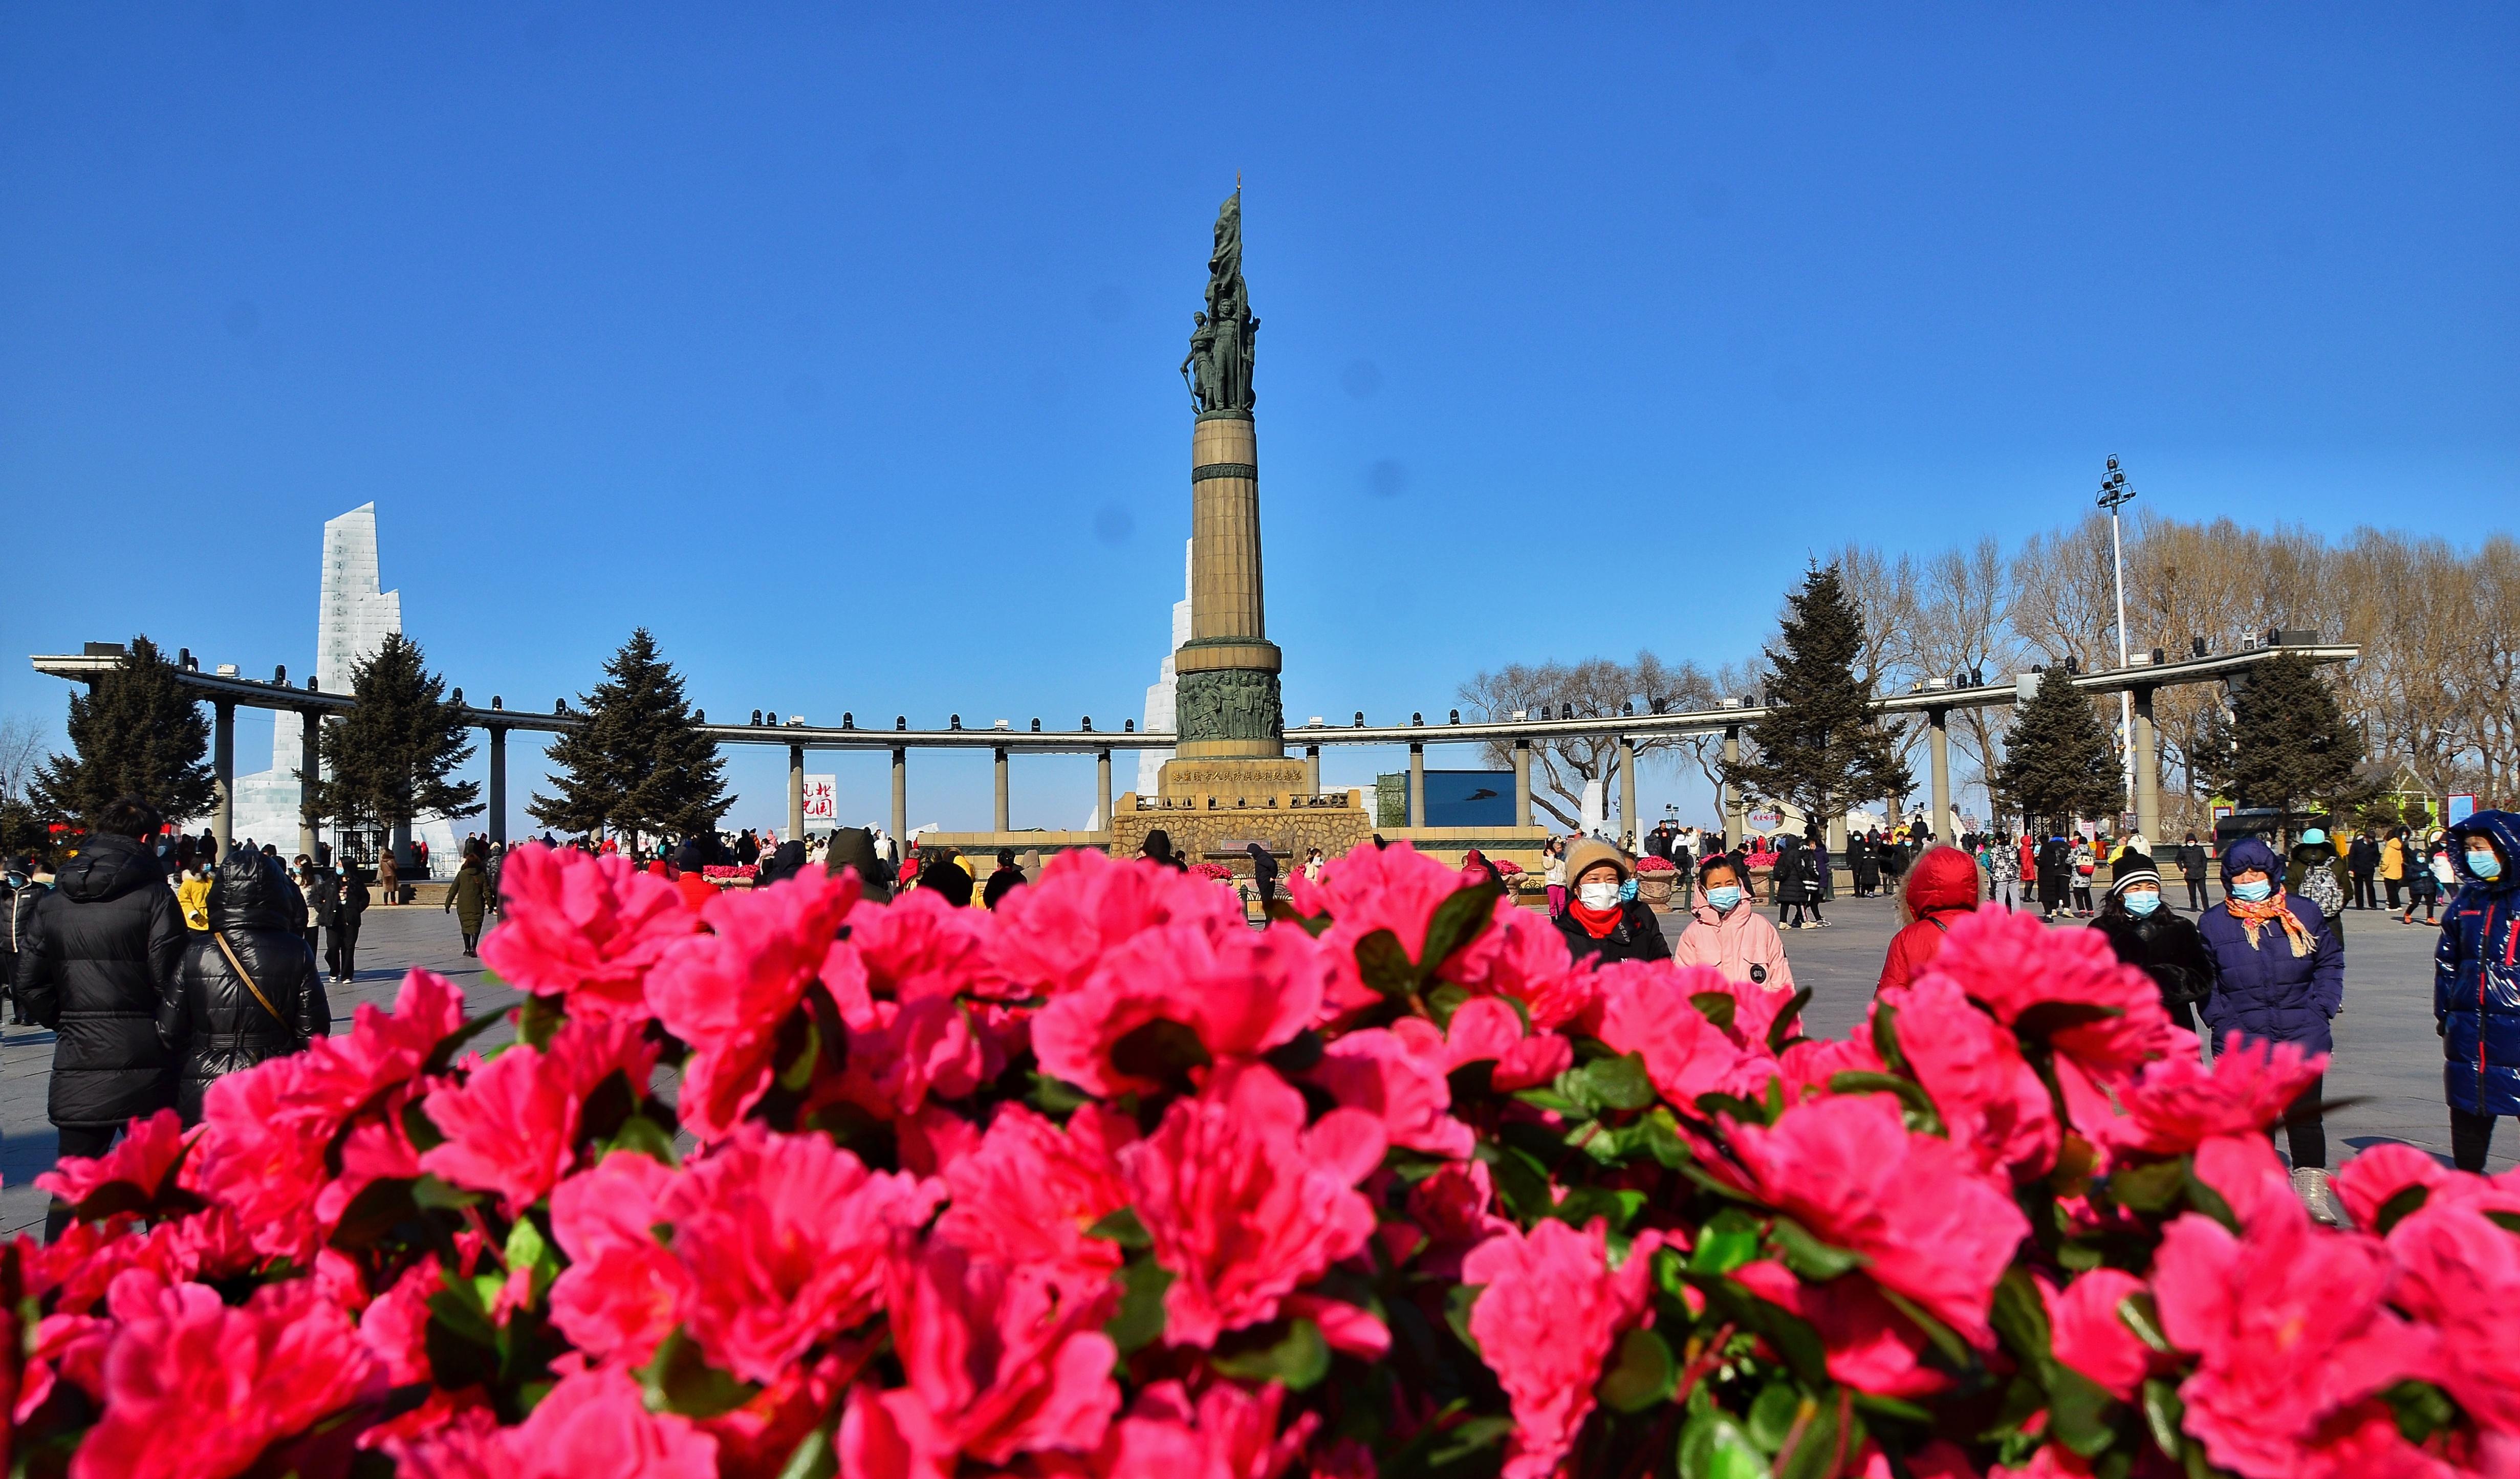 哈尔滨防洪纪念塔广场。